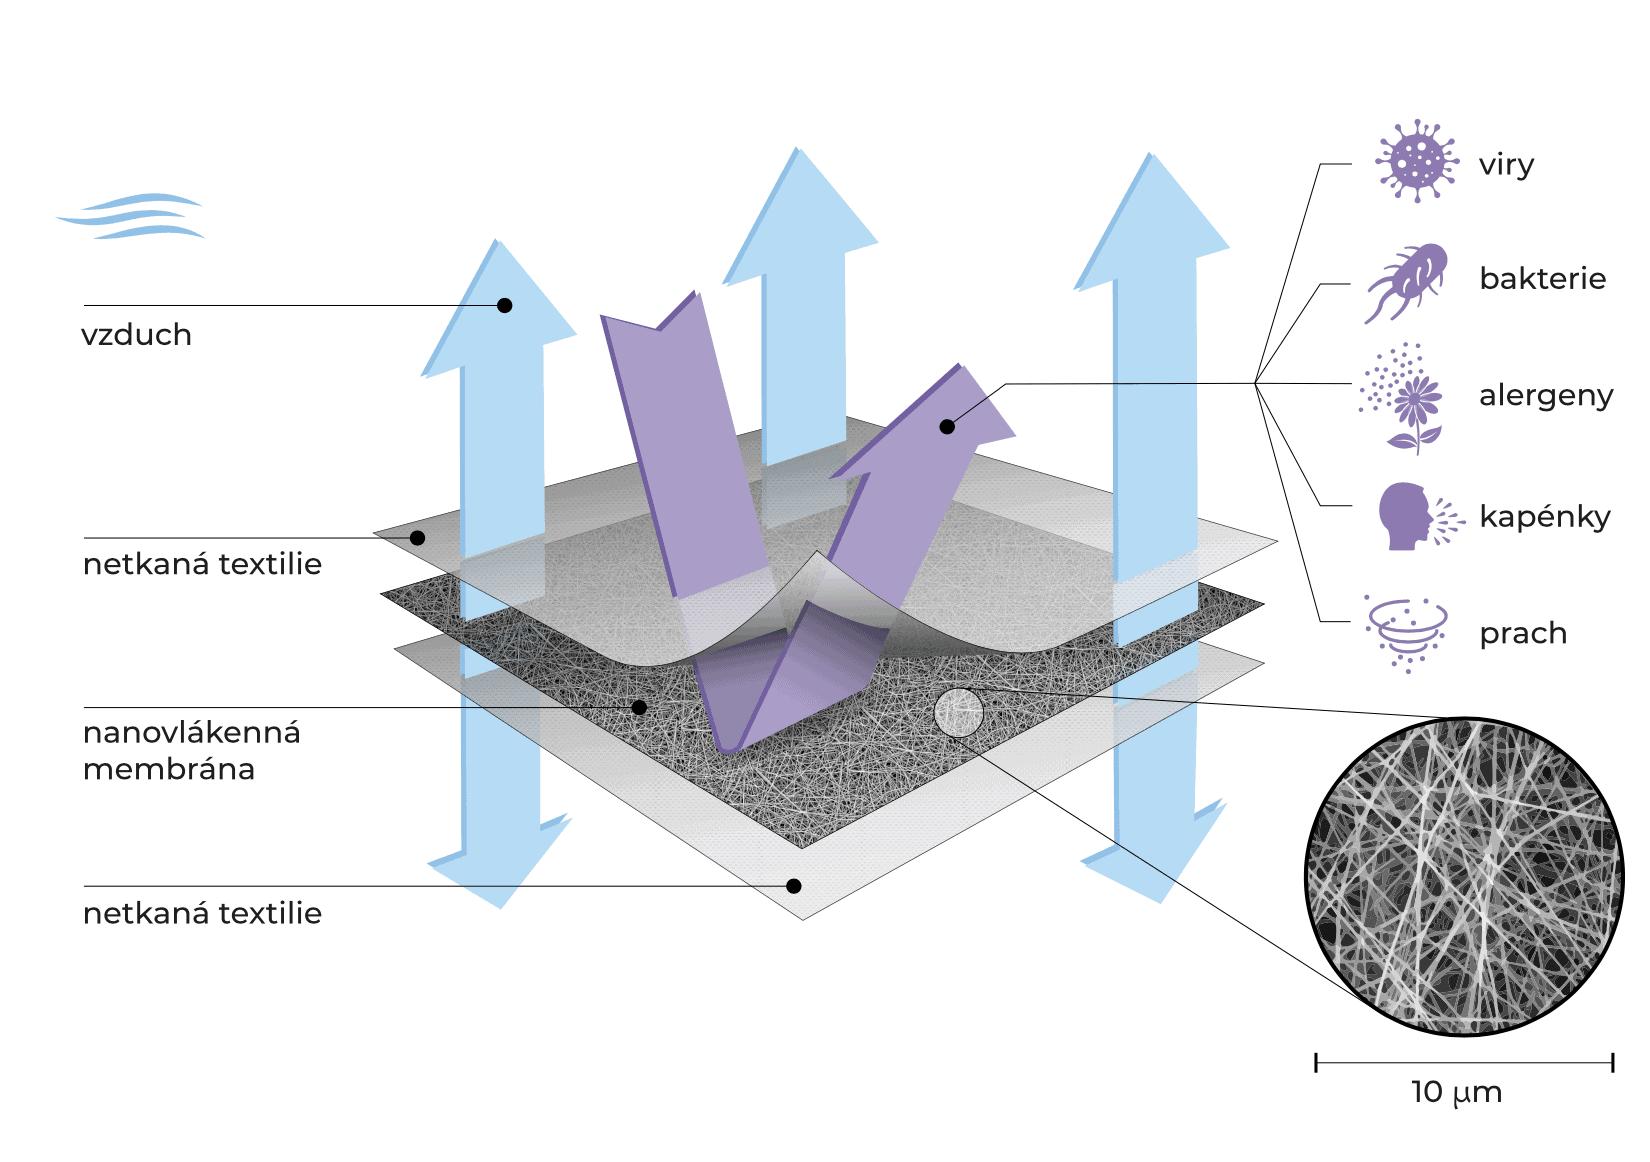 Spurtex-nano-rouska-recenze